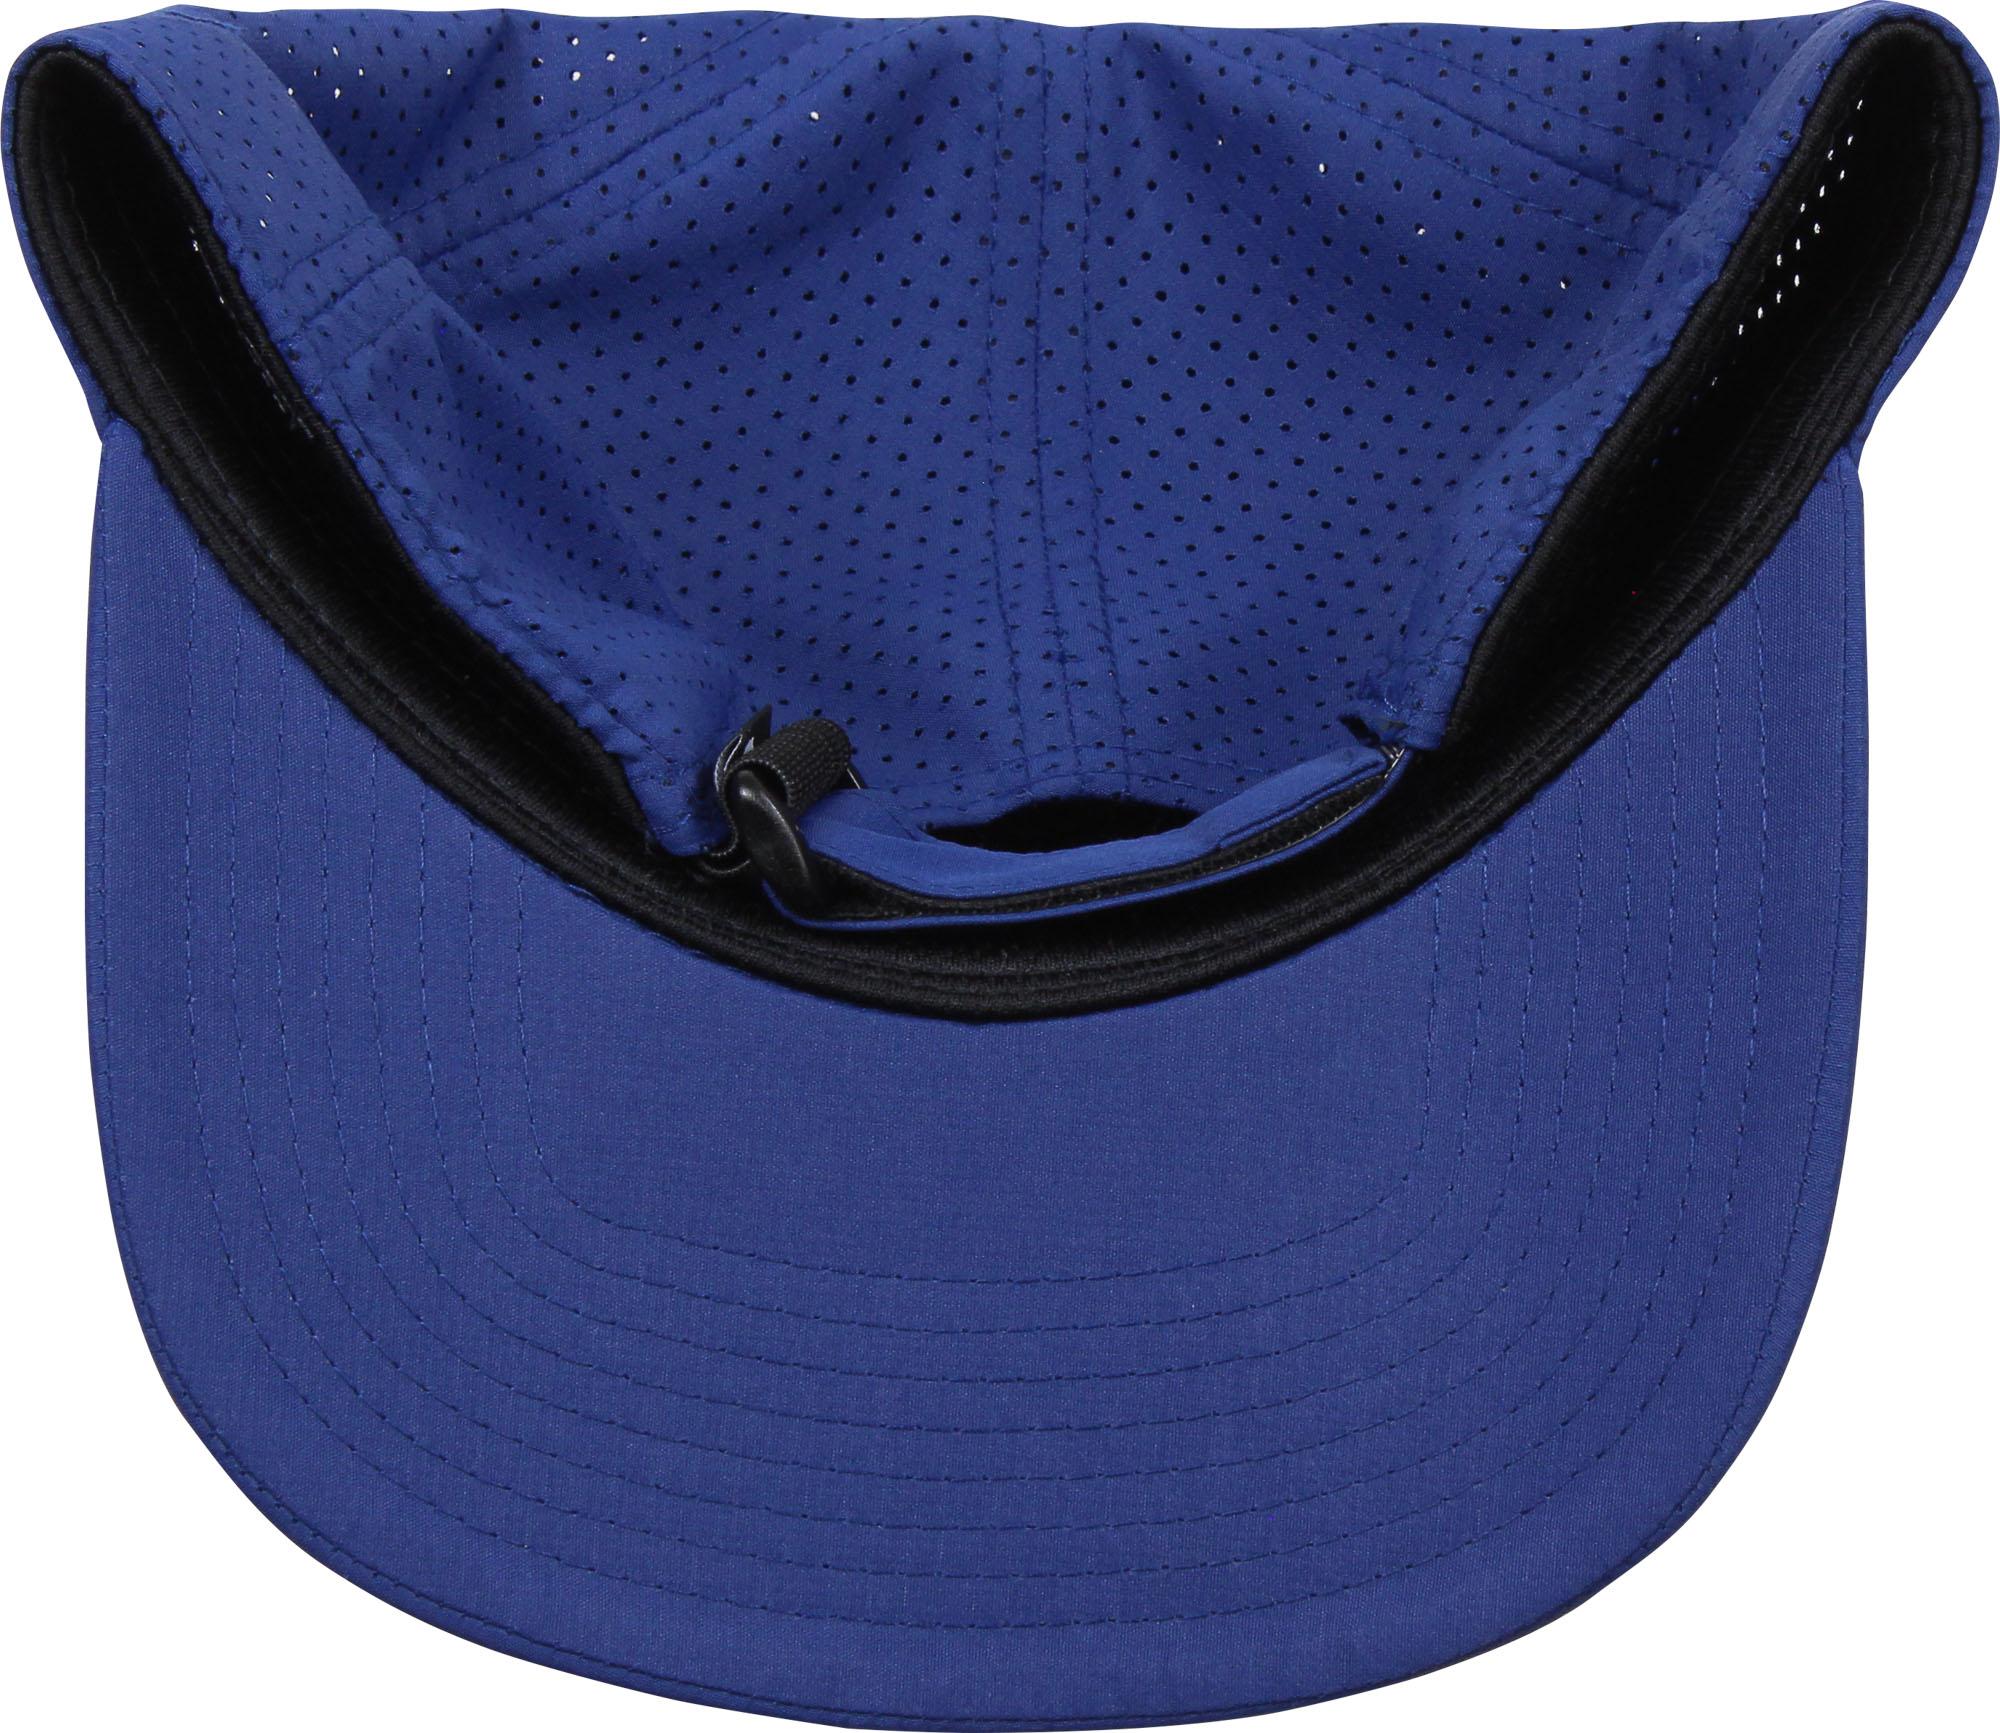 86937ce5fde Quiksilver Mens Technabutter 2 Snapback Hat - Cendre Blue ...